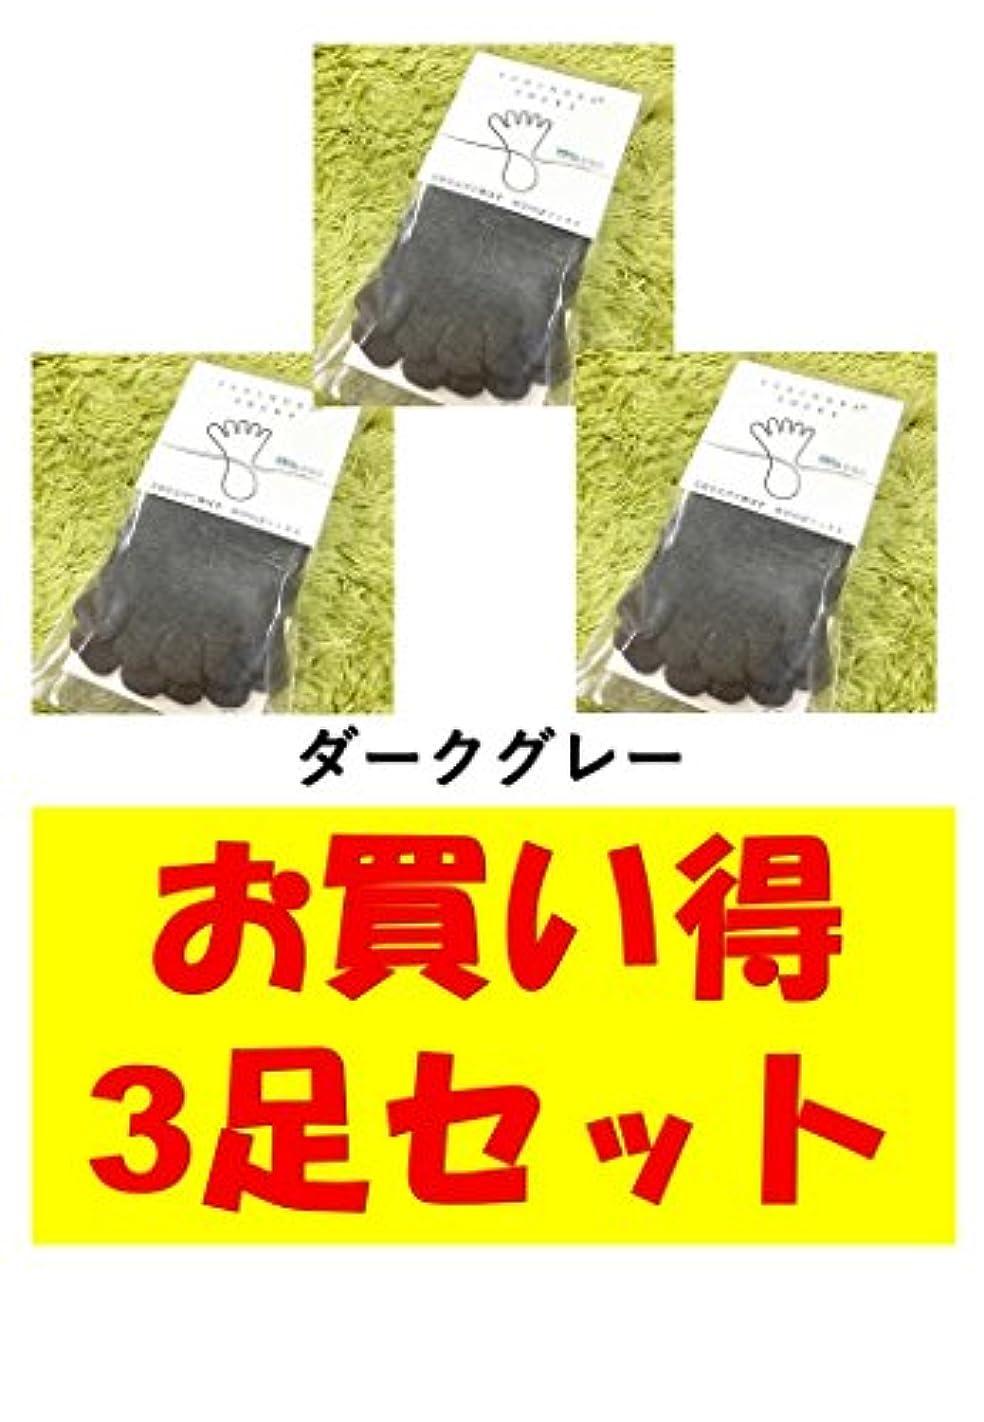 頑丈地元ケントお買い得3足セット 5本指 ゆびのばソックス ゆびのばレギュラー ダークグレー 女性用 22.0cm-25.5cm HSREGR-DGL